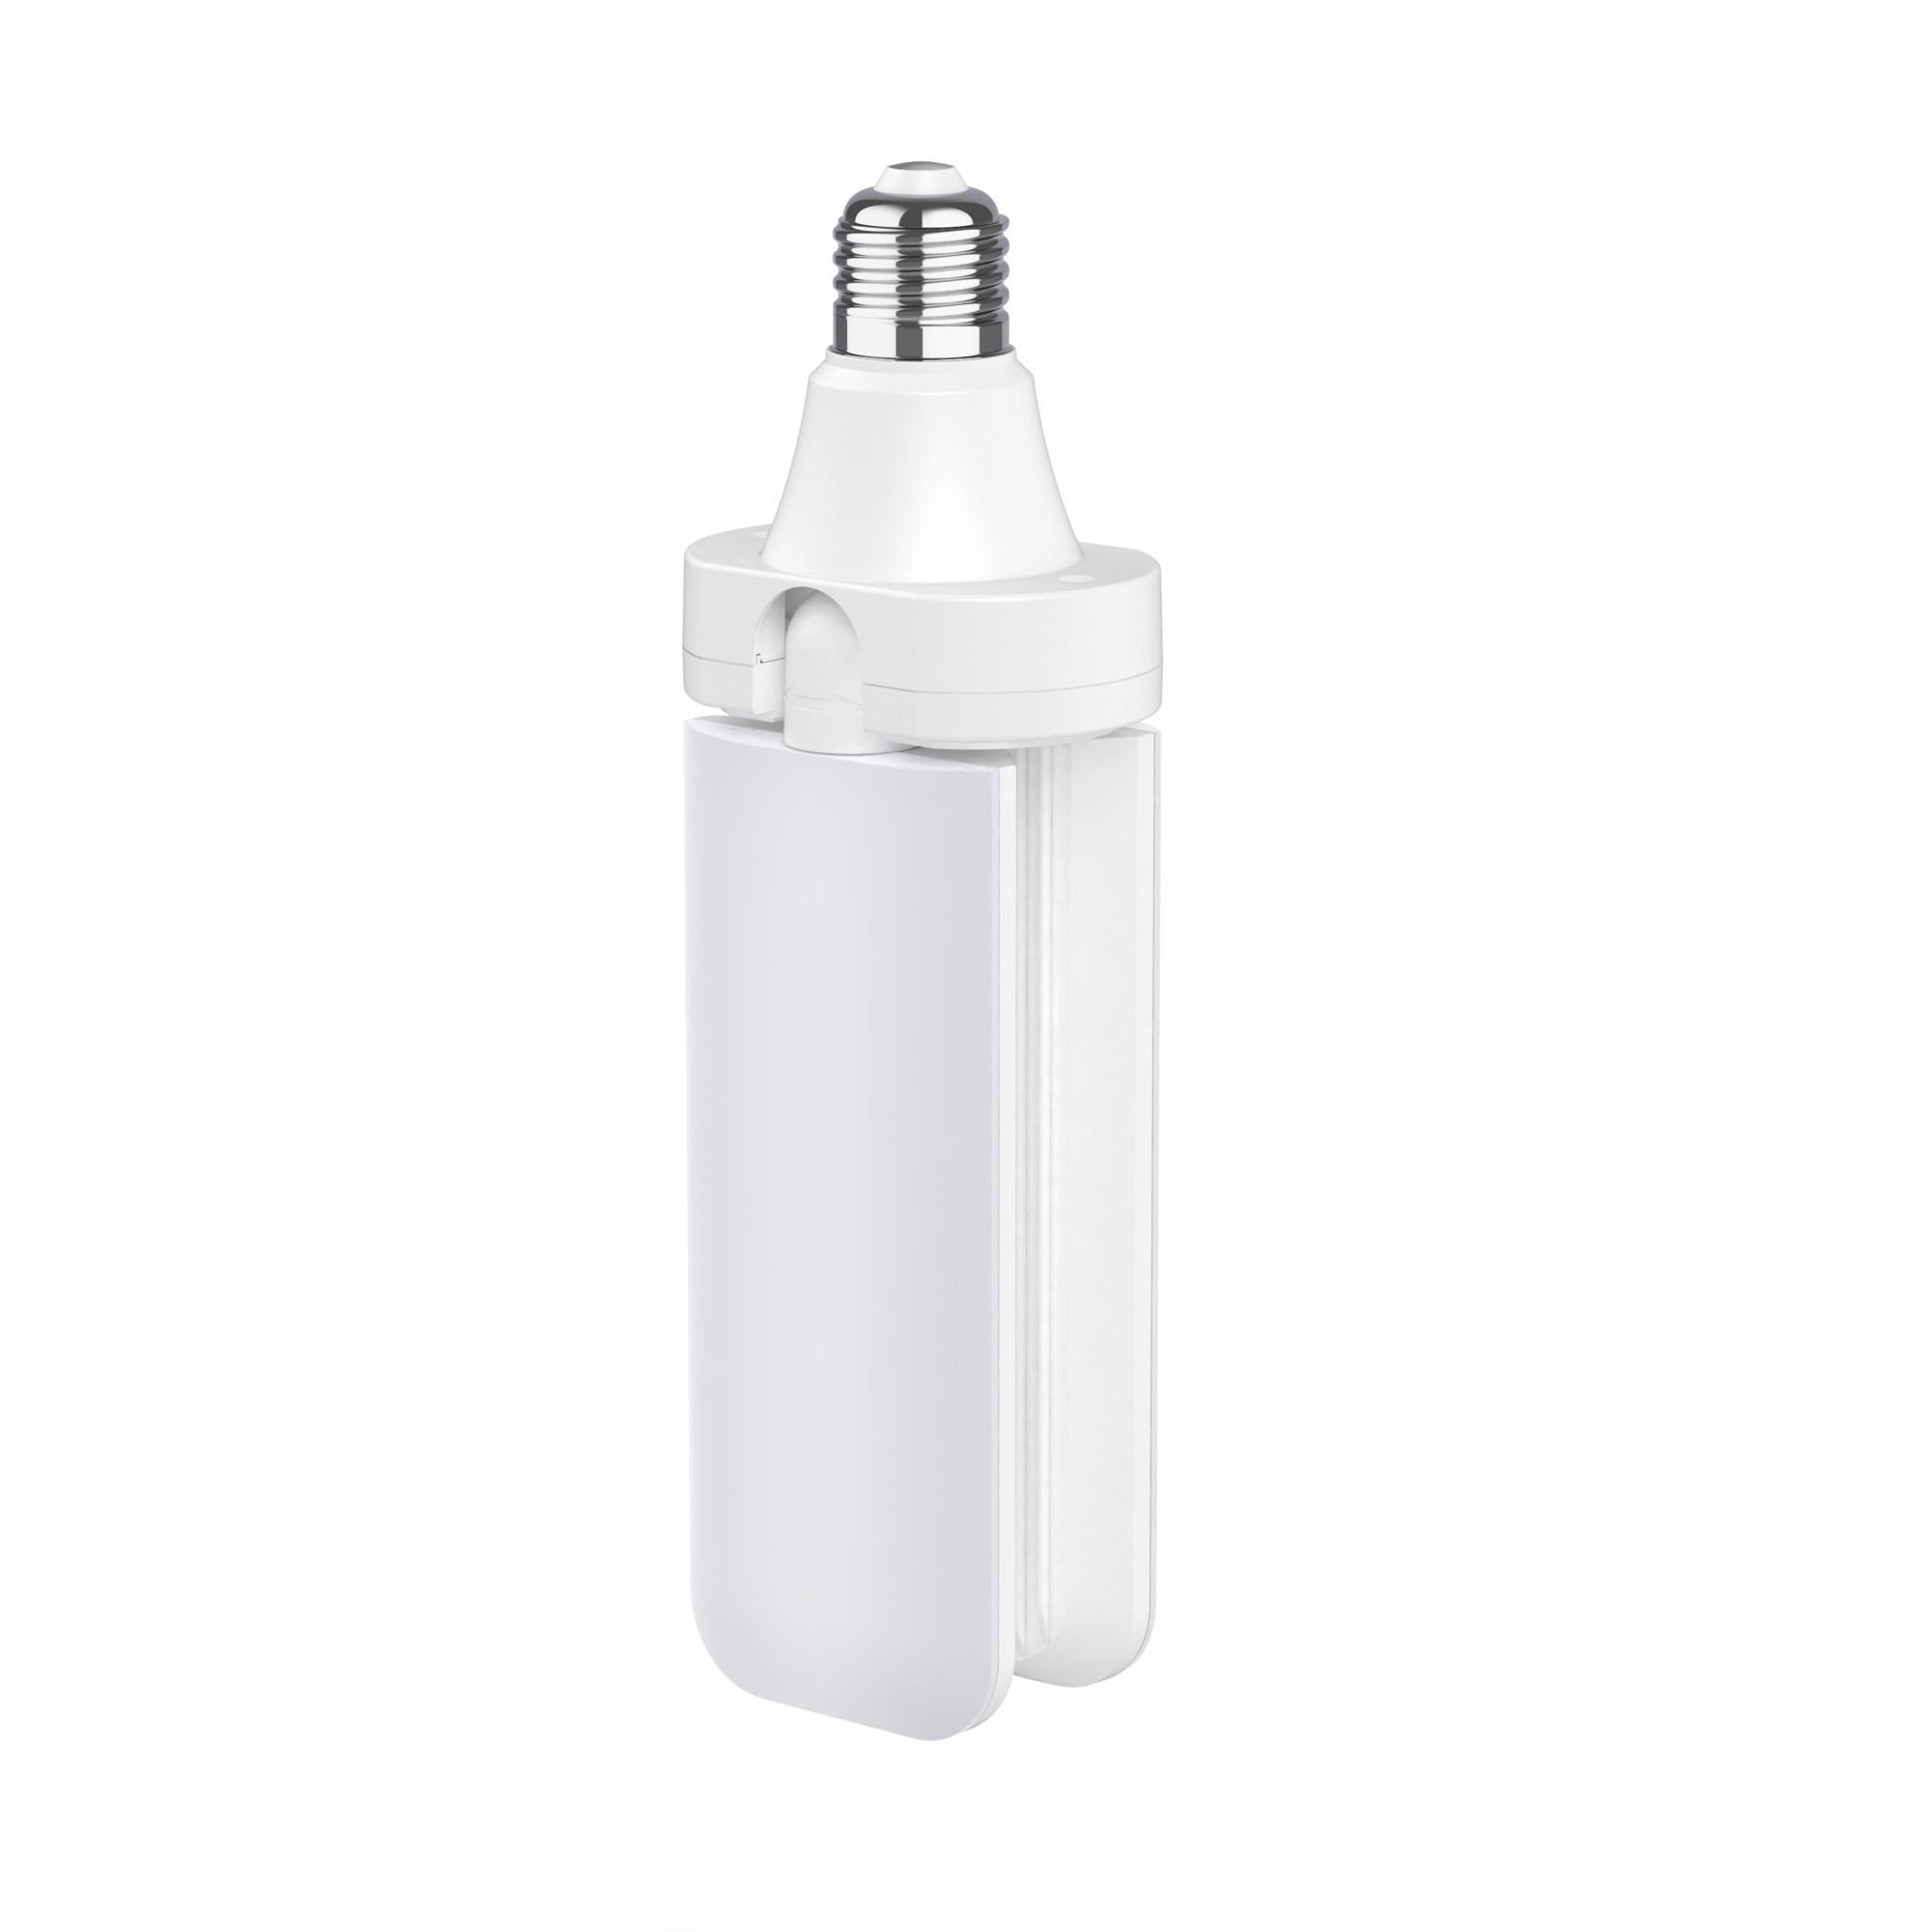 Лампа светодиодная Gauss Клевер-2 E27 230 В 15 Вт матовая 1450 лм нейтральный белый свет